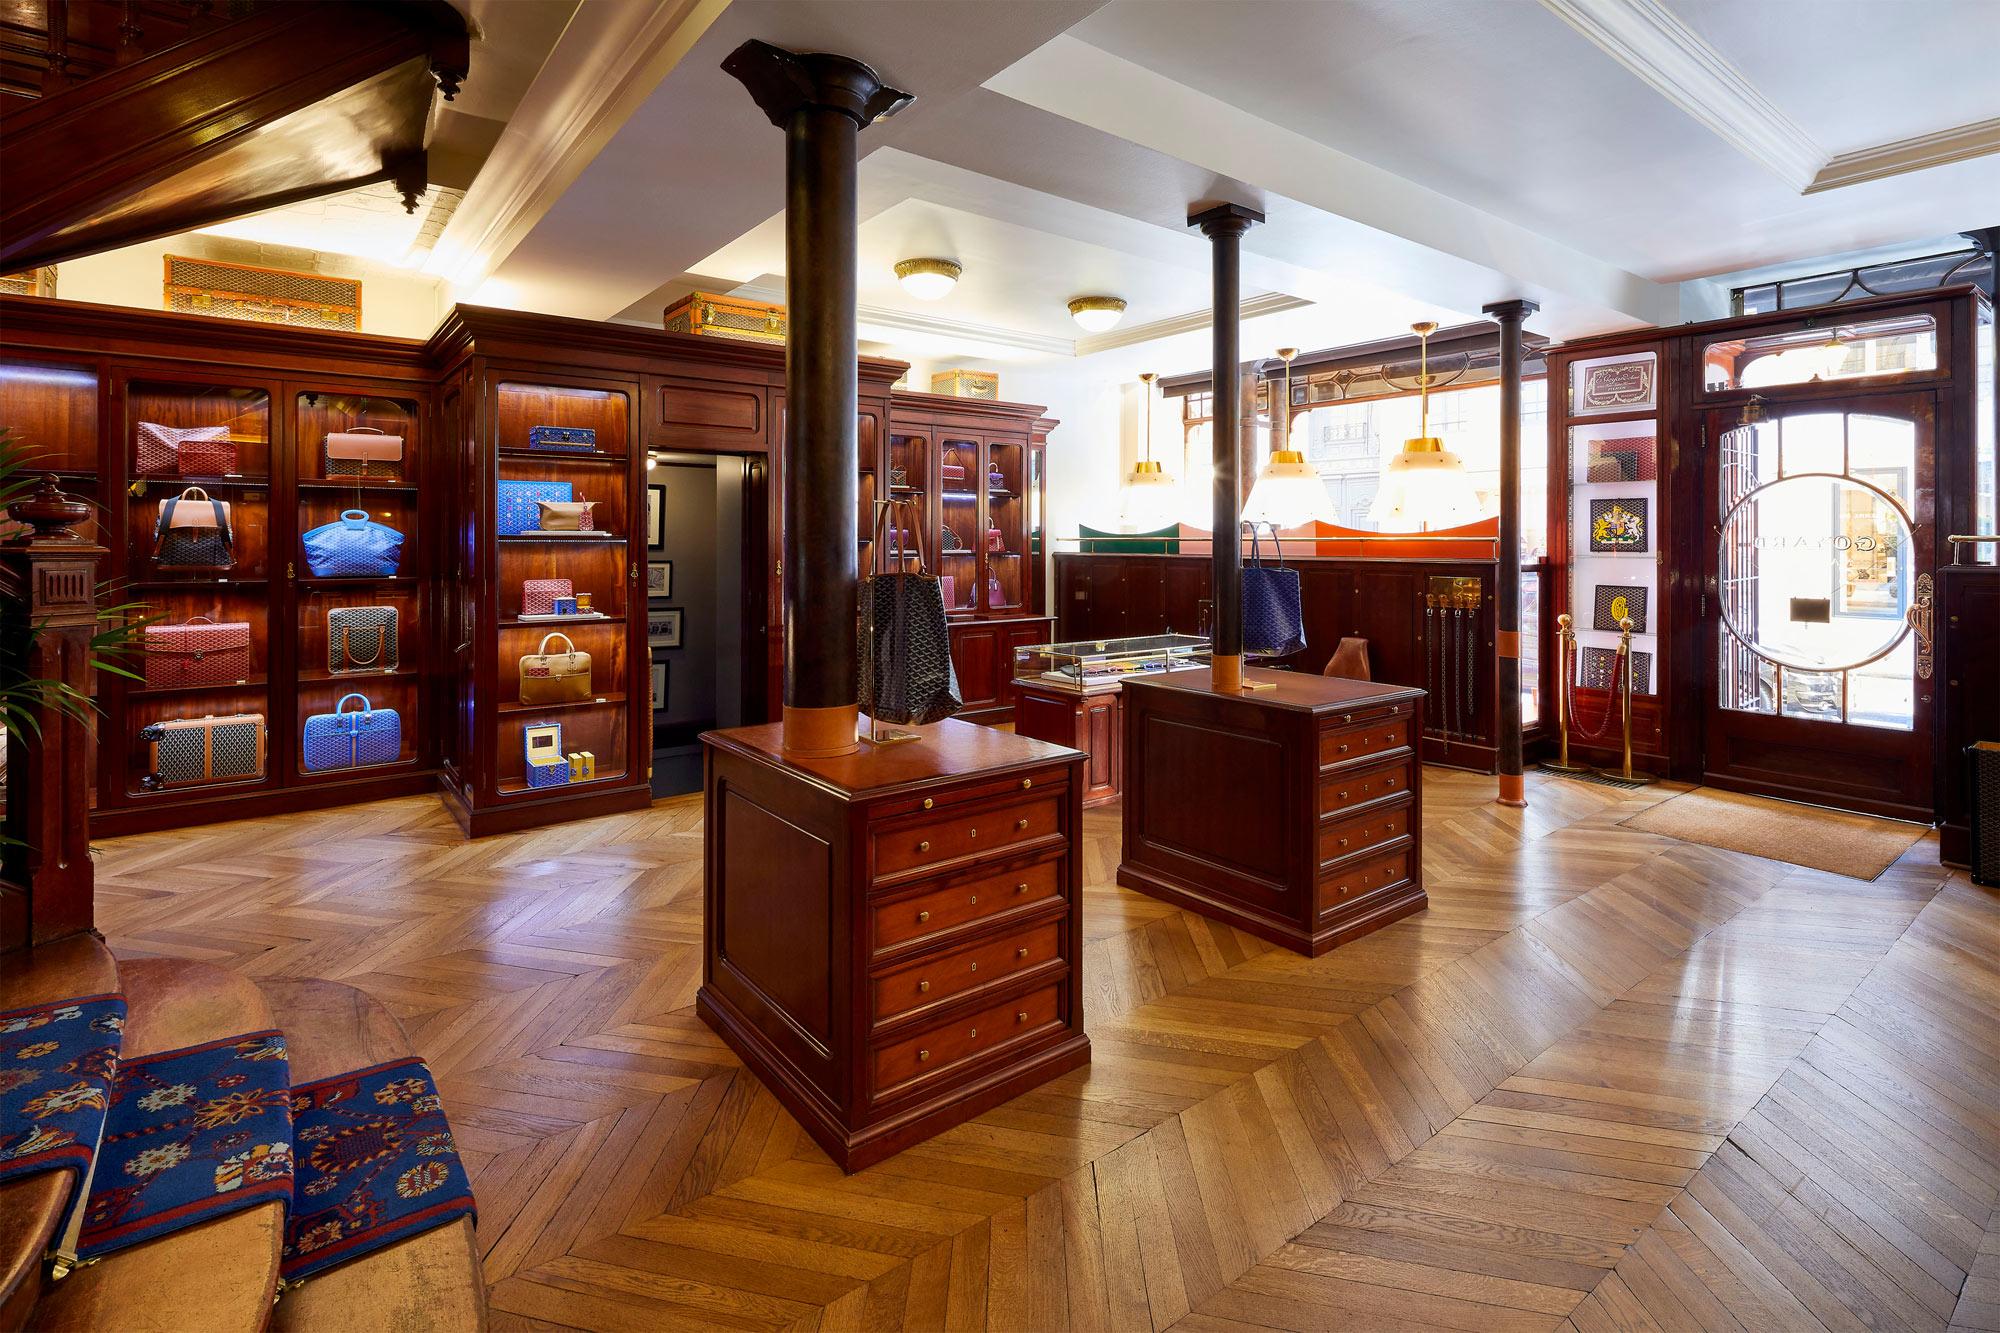 Maison Goyard - Boutique parisienne | Paris, Fr